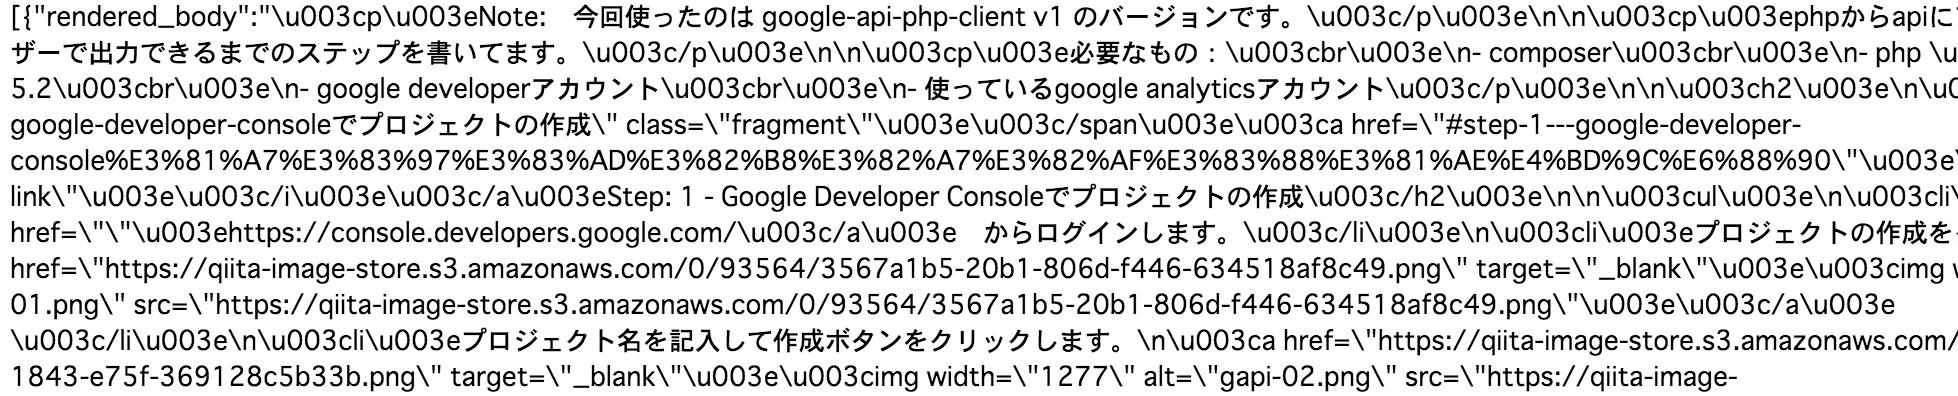 https___qiita_com_api_v2_items.png